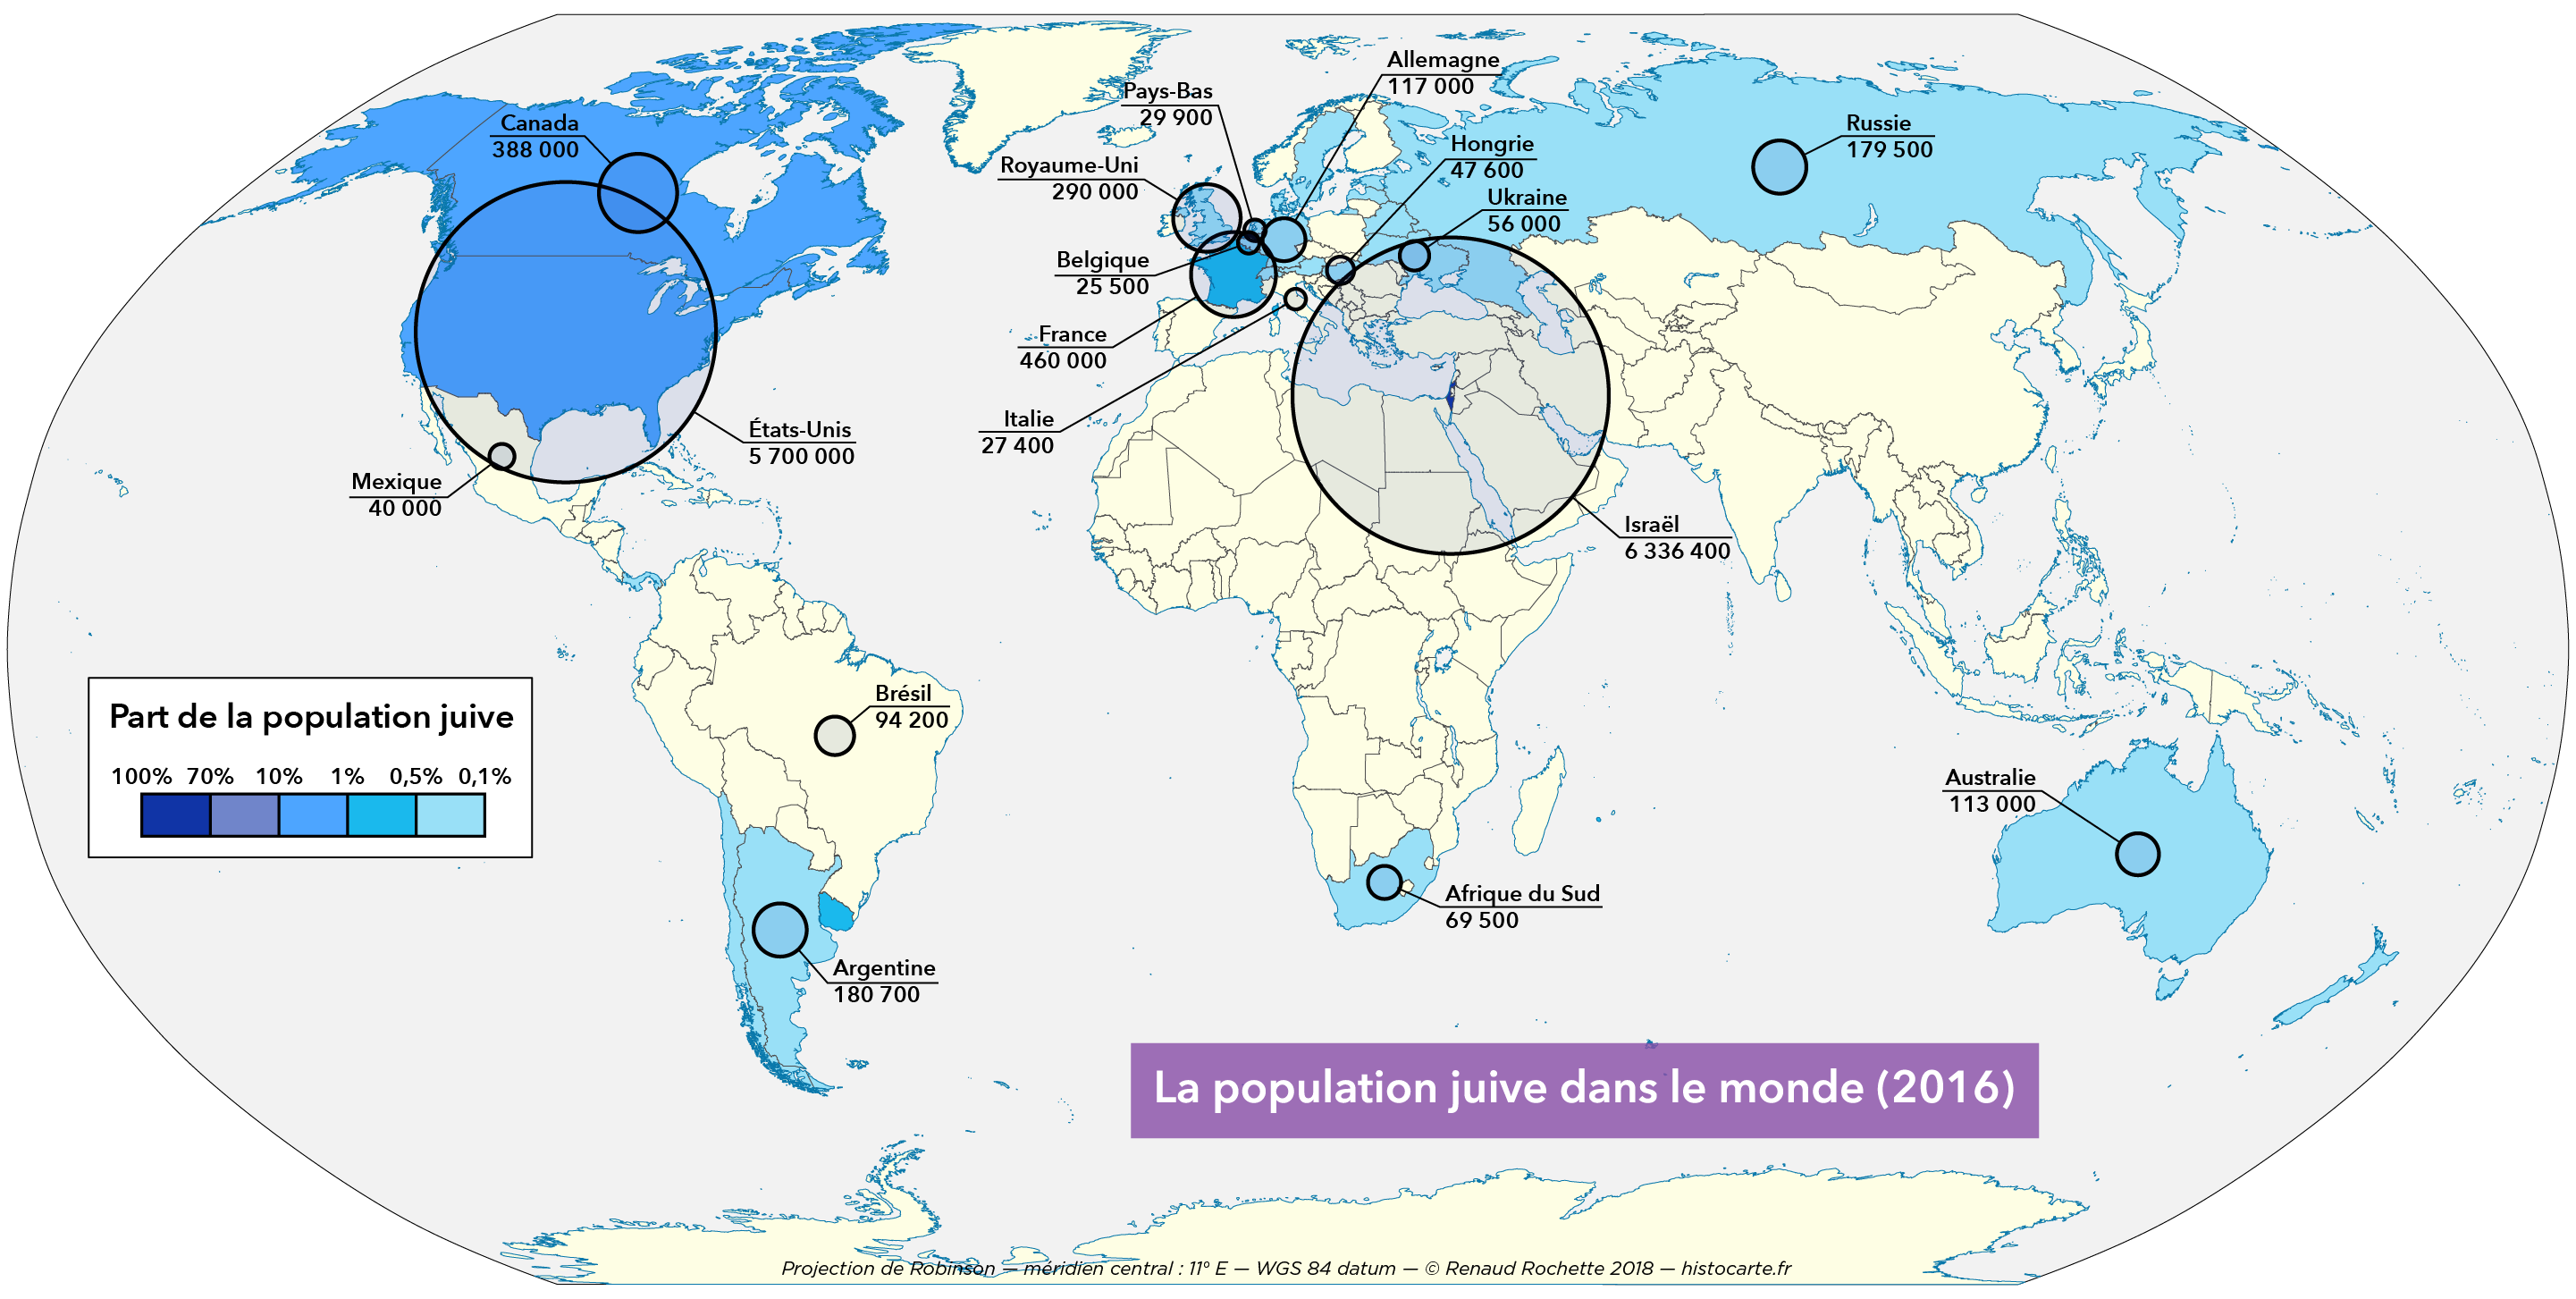 La population juive dans le monde